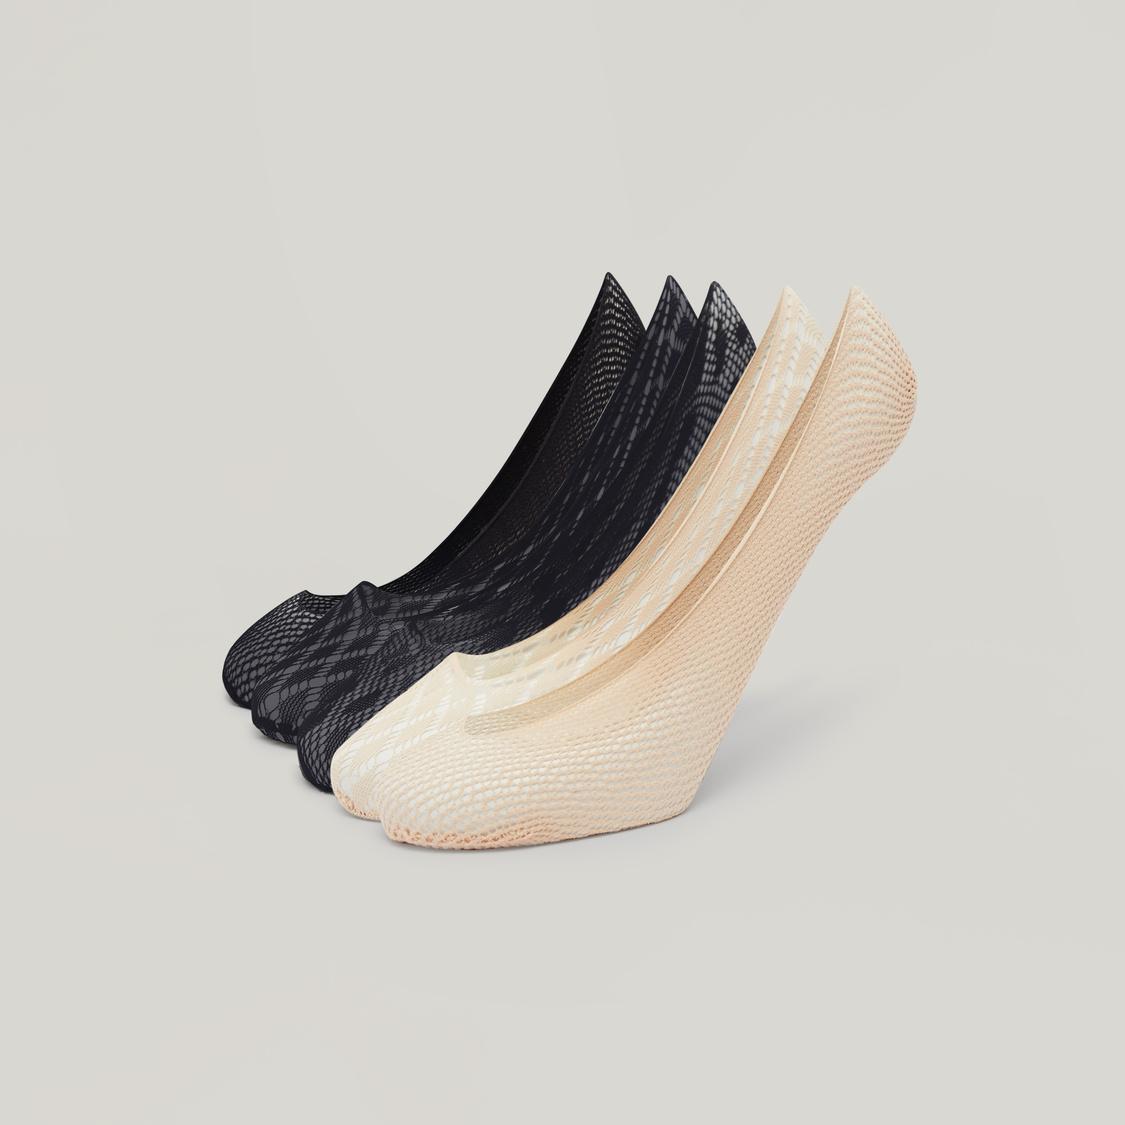 جوارب شبكية بارزة الملمس غير مرئية - طقم من 5 أزواج